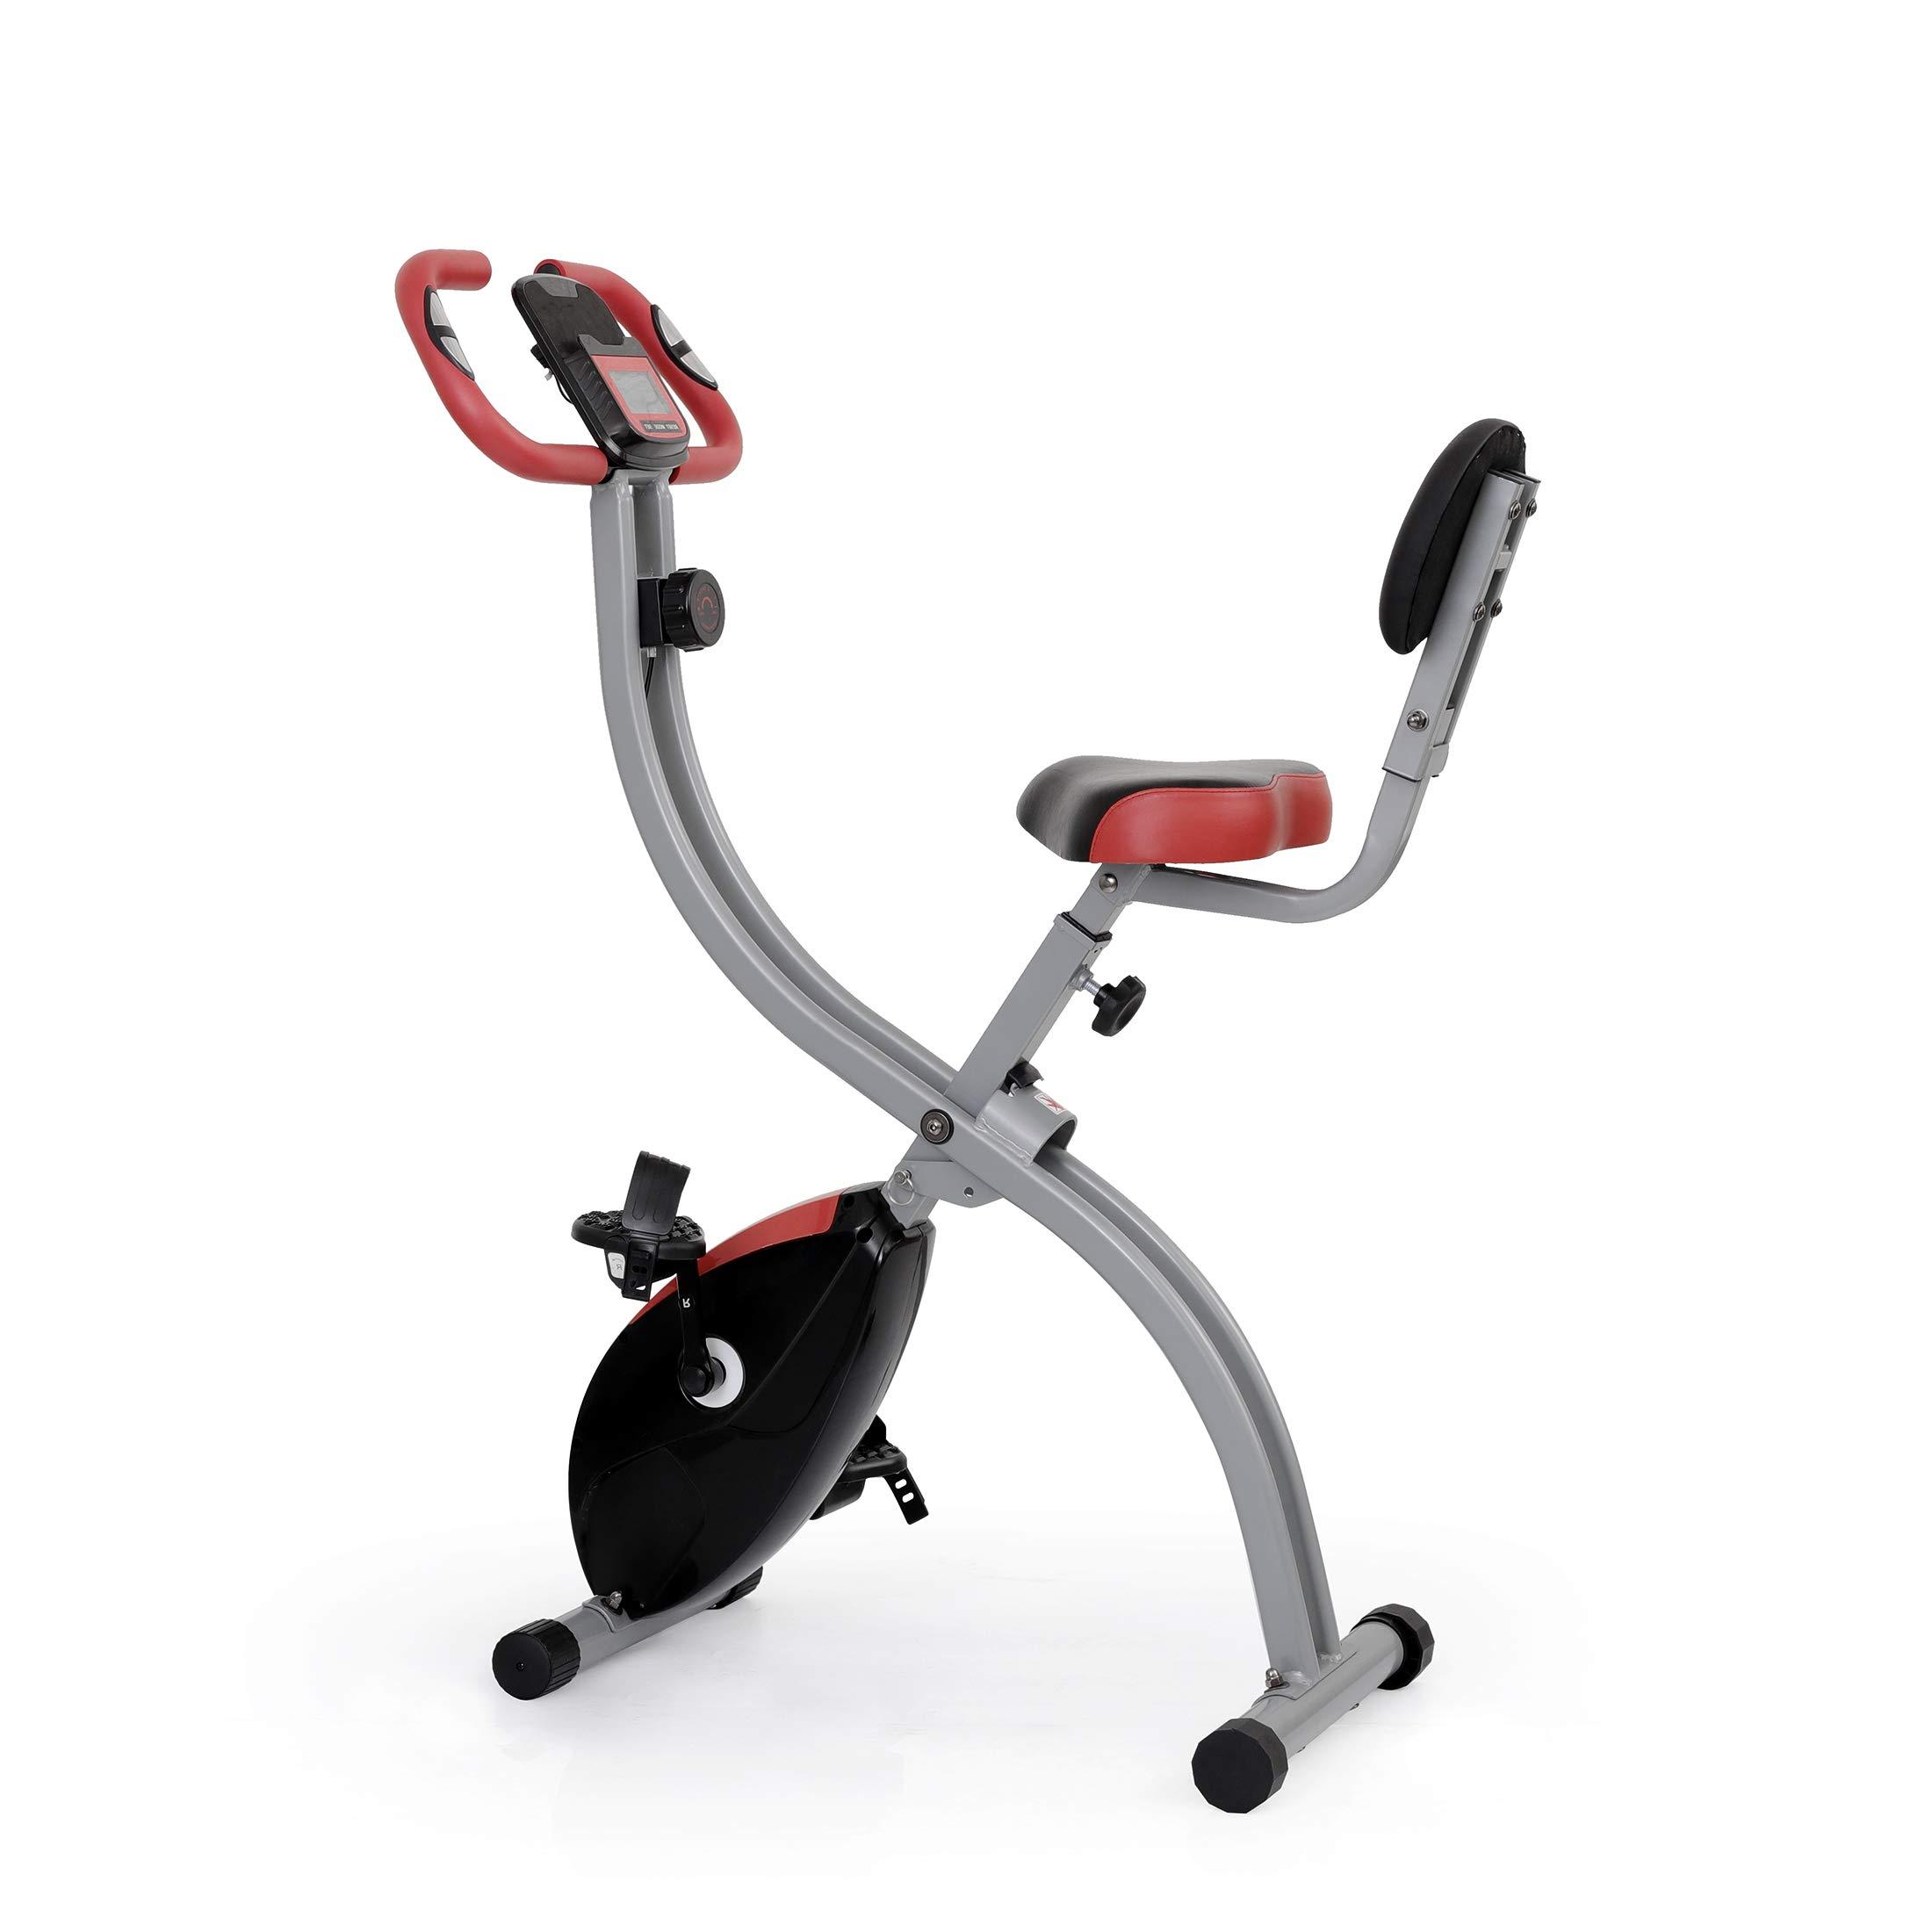 Ultrasport F-Bike 350B Aparato de gimnasia para un entrenamiento cardiovascular respetuoso con las articulaciones, con Respaldo, Negro/Rojo: Amazon.es: Deportes y aire libre